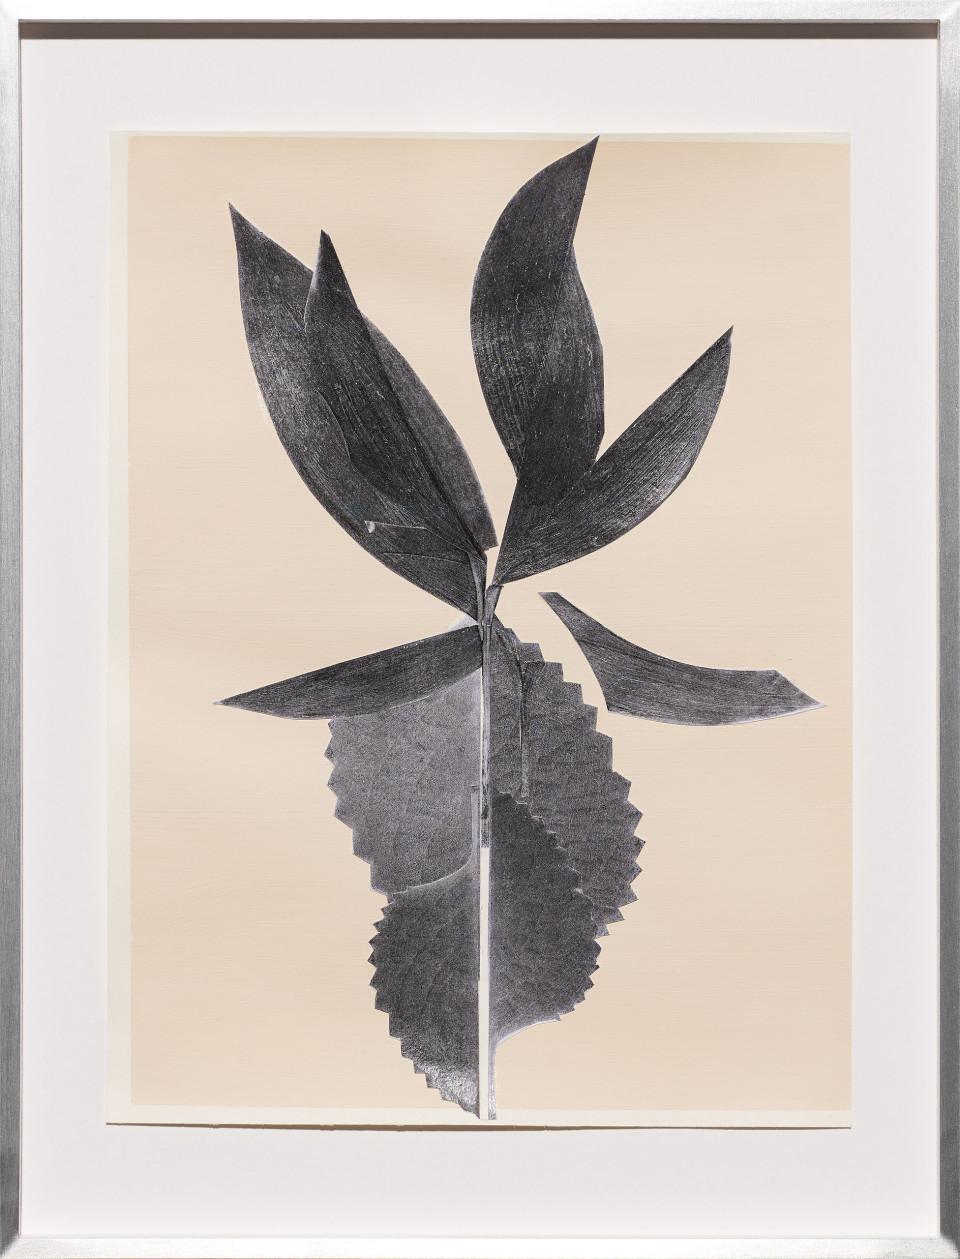 Frauke Dannert Frucht, 2018 Paper Collage 29 x 21 cm 11 3/8 x 8 1/4 in